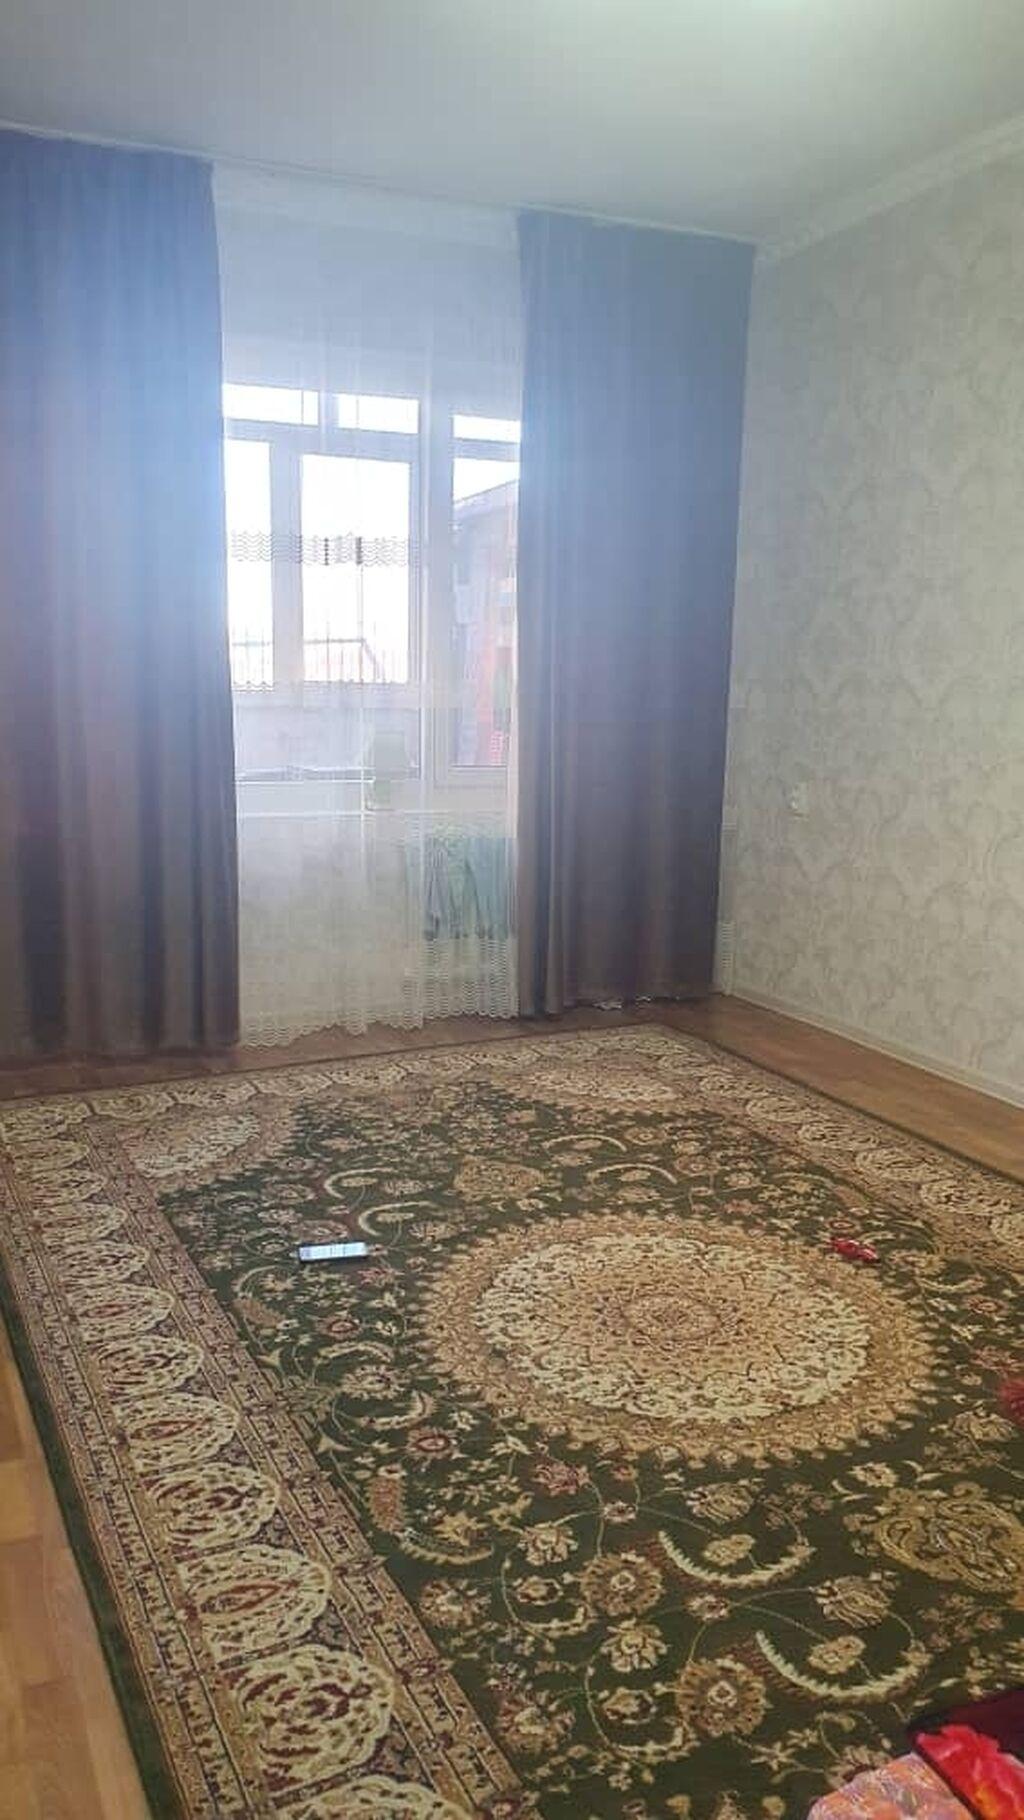 Продается квартира: 106 серия, Джал, 1 комната, 35 кв. м: Продается квартира: 106 серия, Джал, 1 комната, 35 кв. м